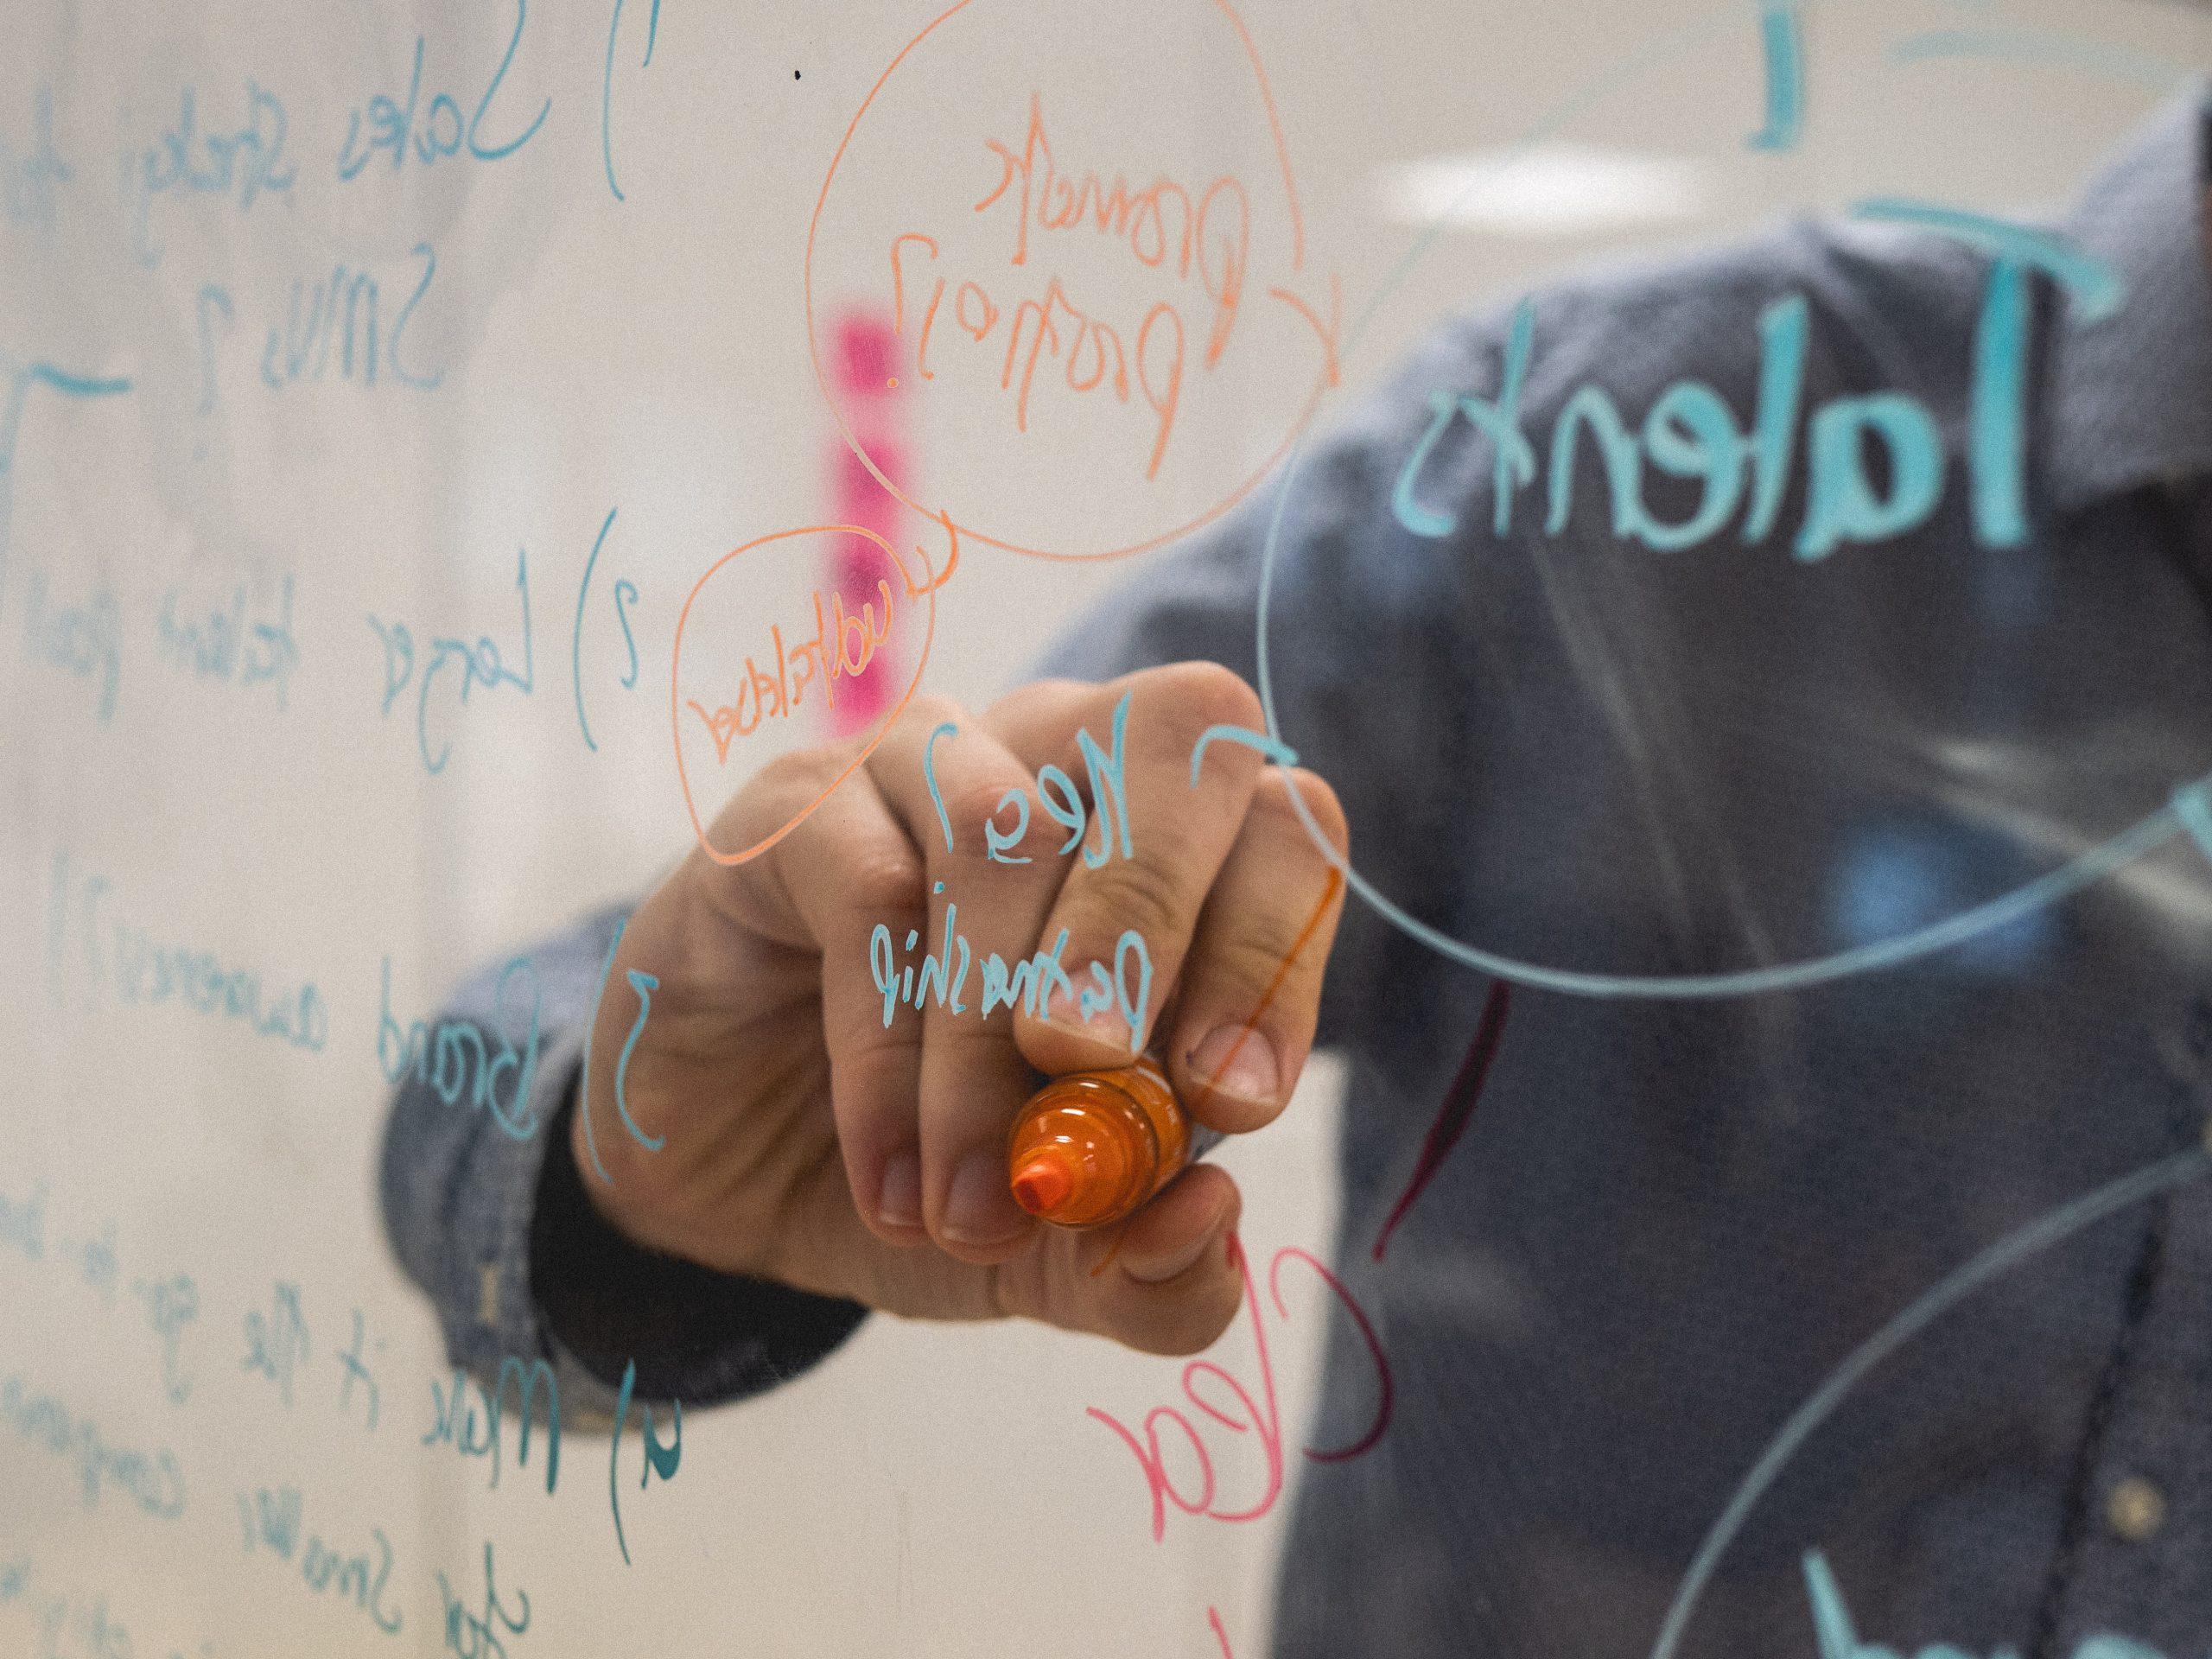 Favoriser l'innovation en entreprise avec des outils simples de participation collective